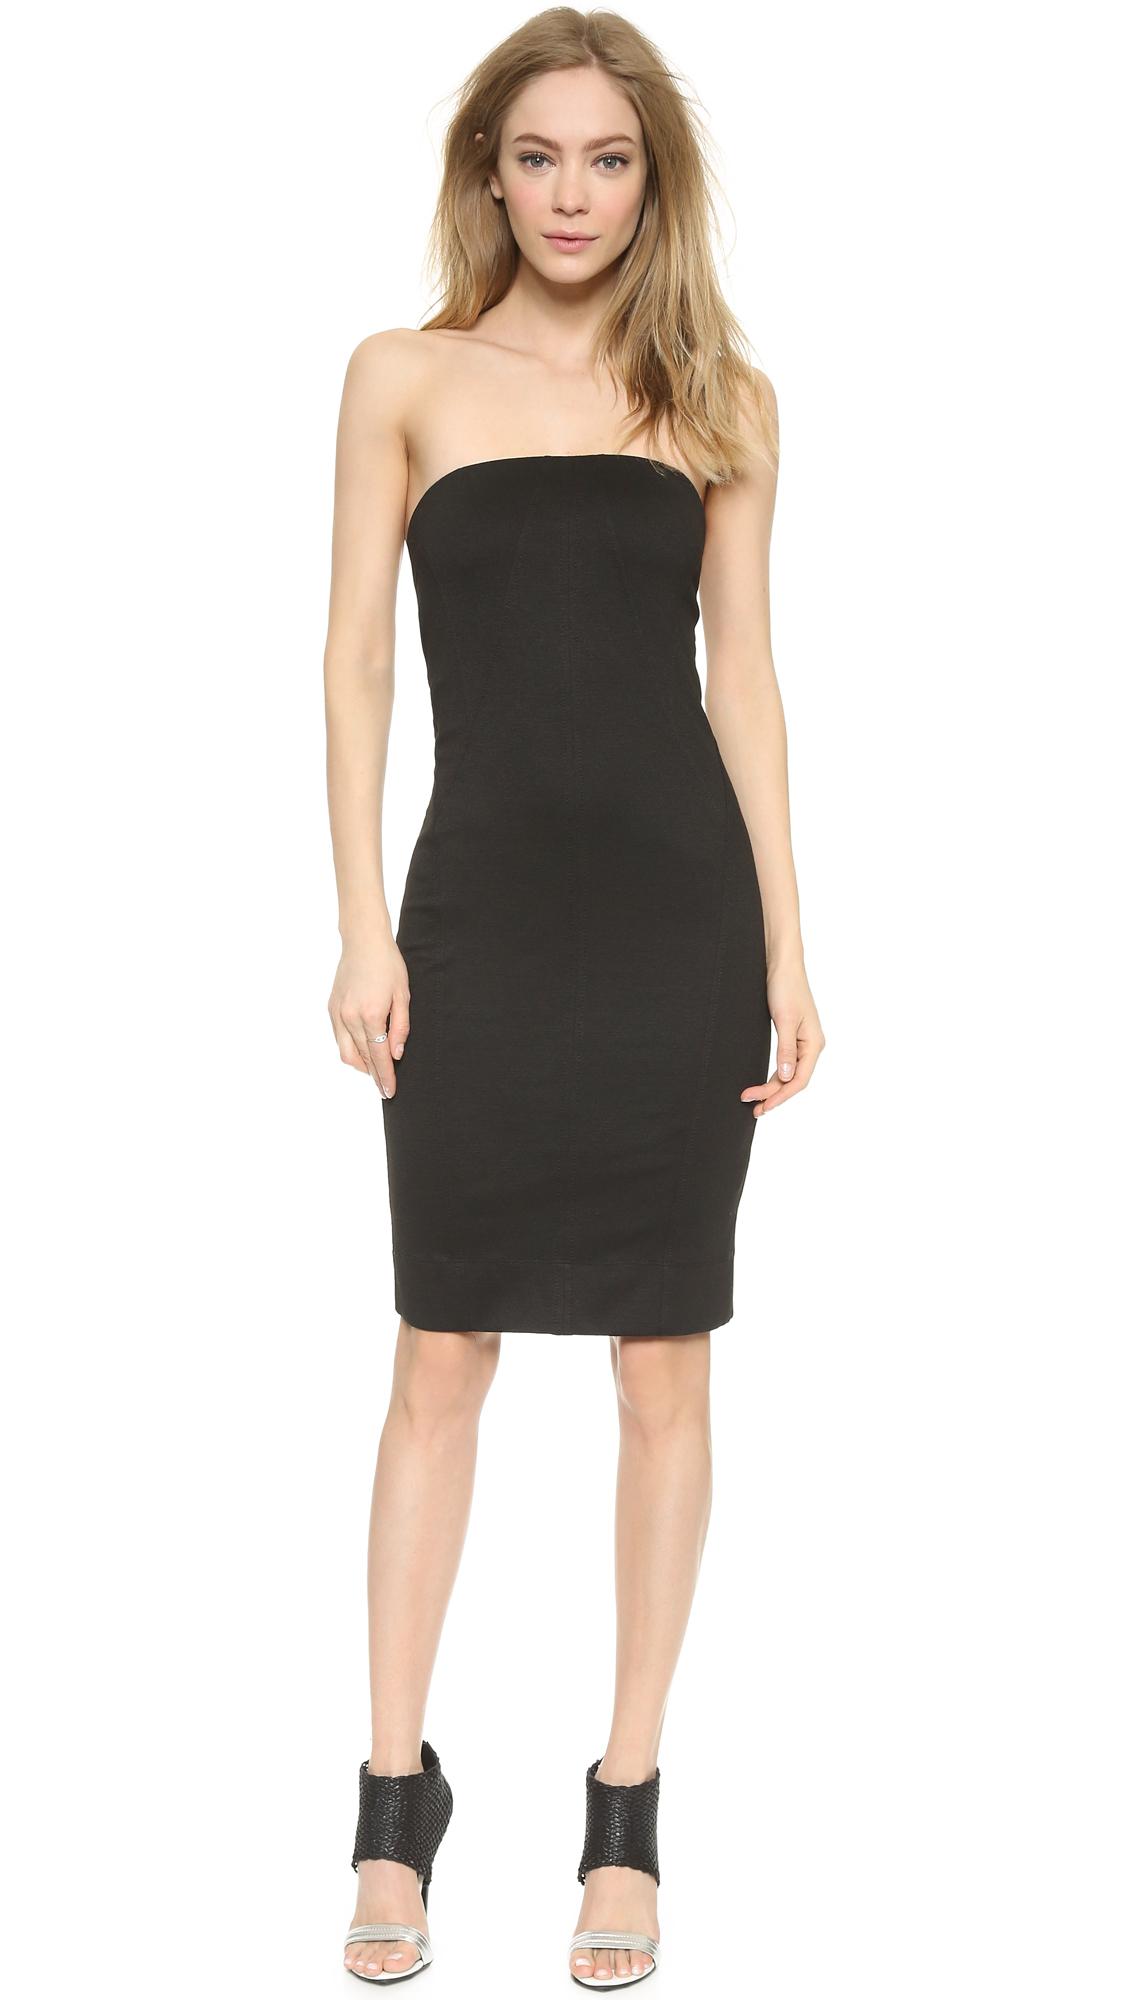 Helmut lang Strapless Dress - Black in Black | Lyst